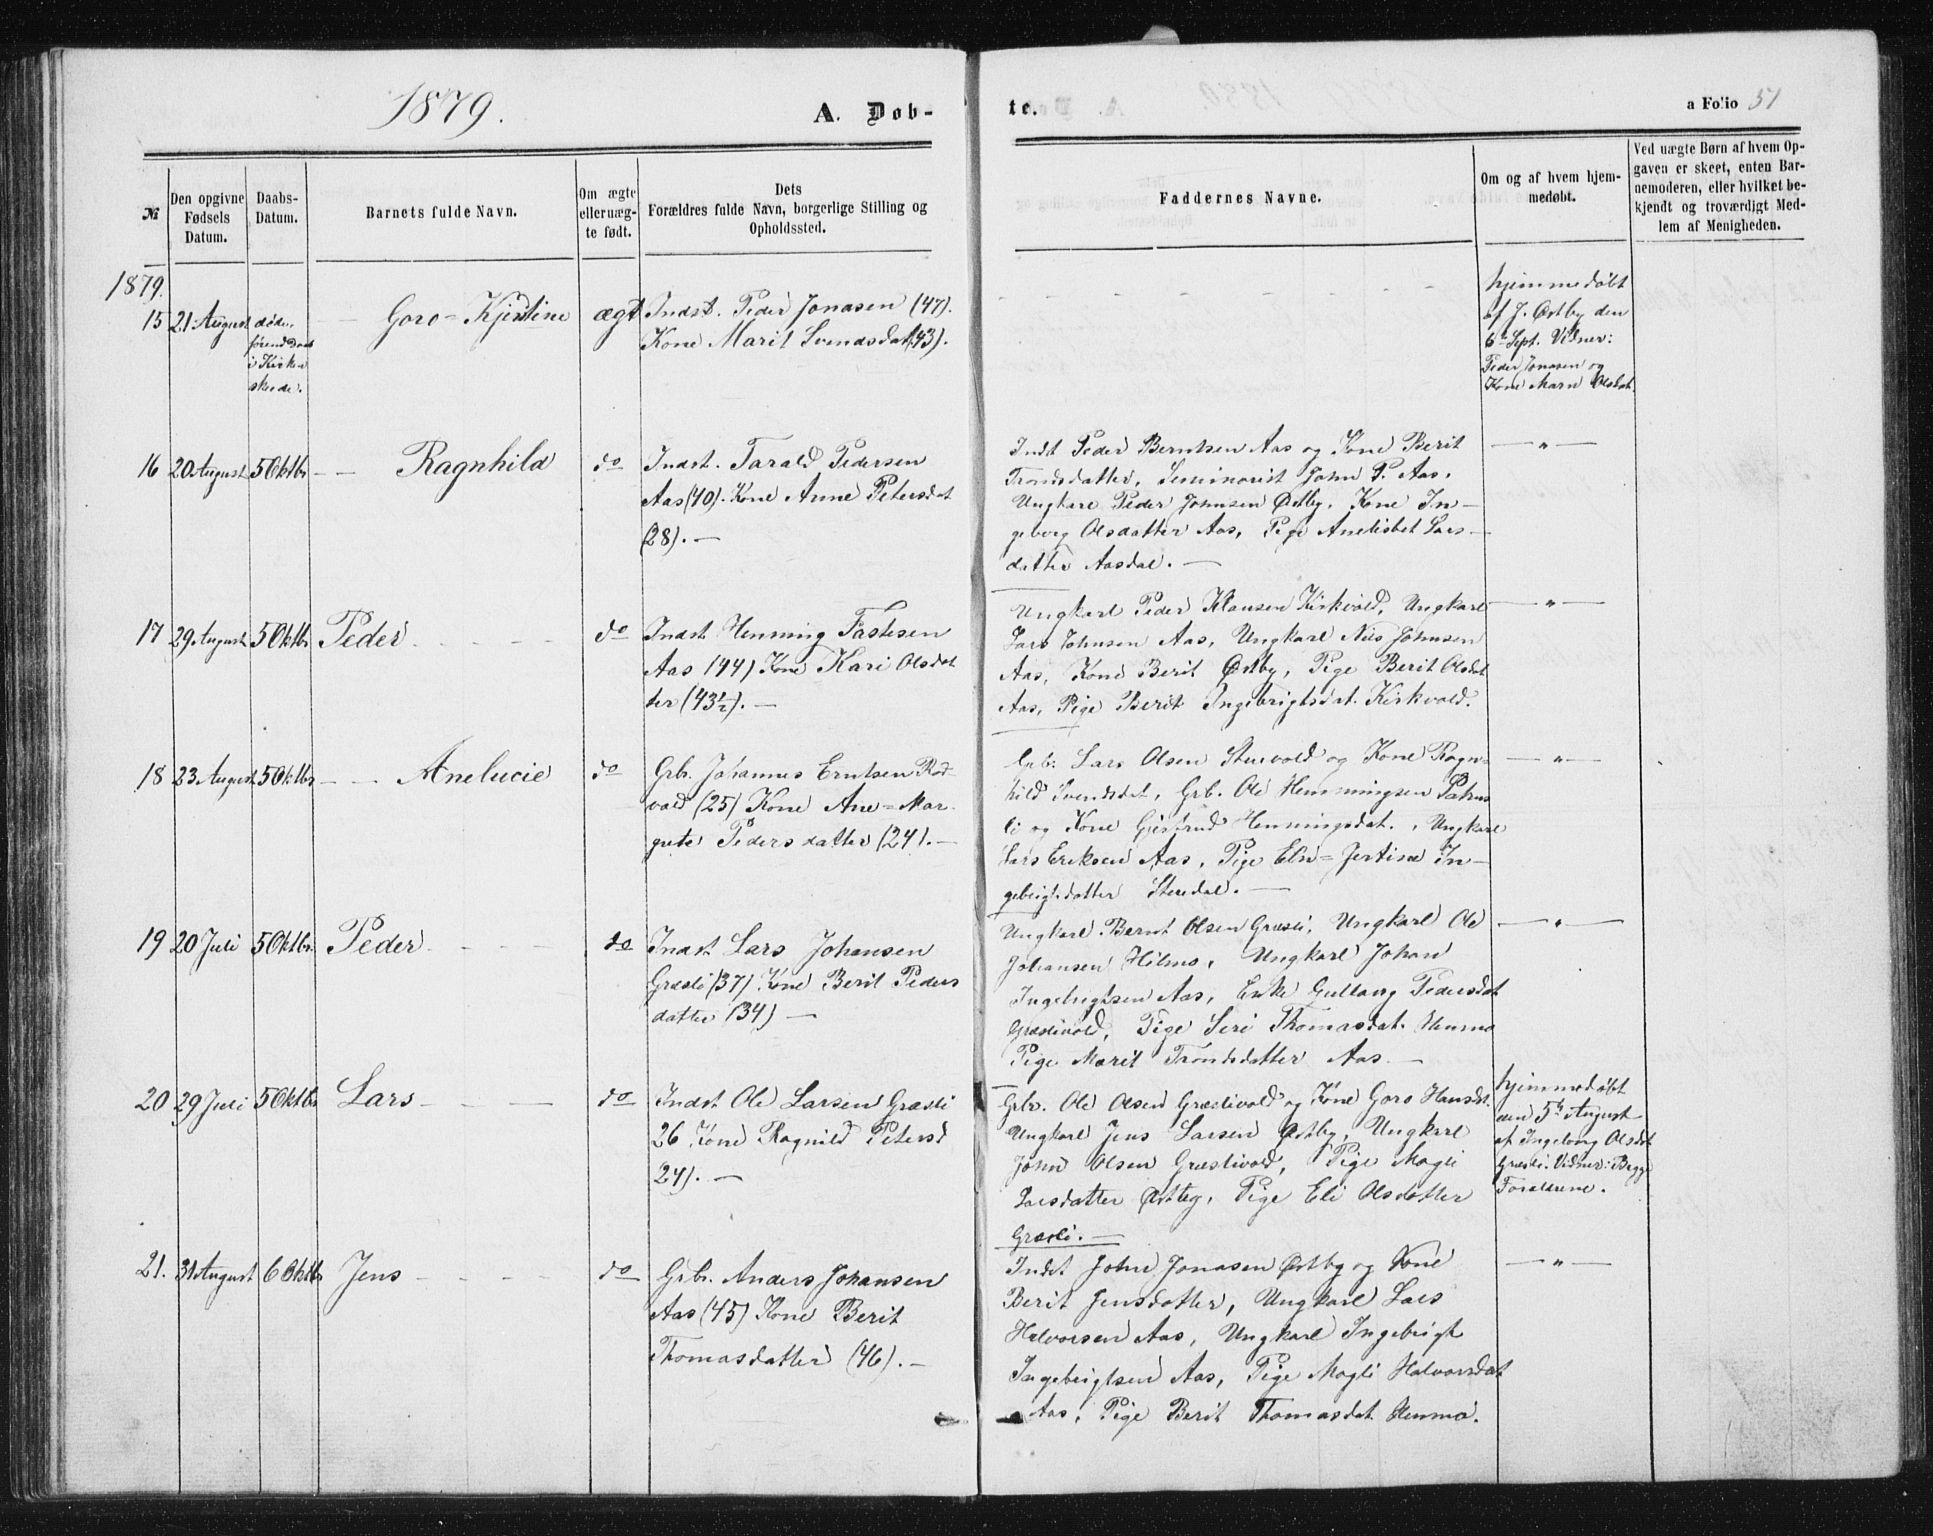 SAT, Ministerialprotokoller, klokkerbøker og fødselsregistre - Sør-Trøndelag, 698/L1166: Klokkerbok nr. 698C03, 1861-1887, s. 51